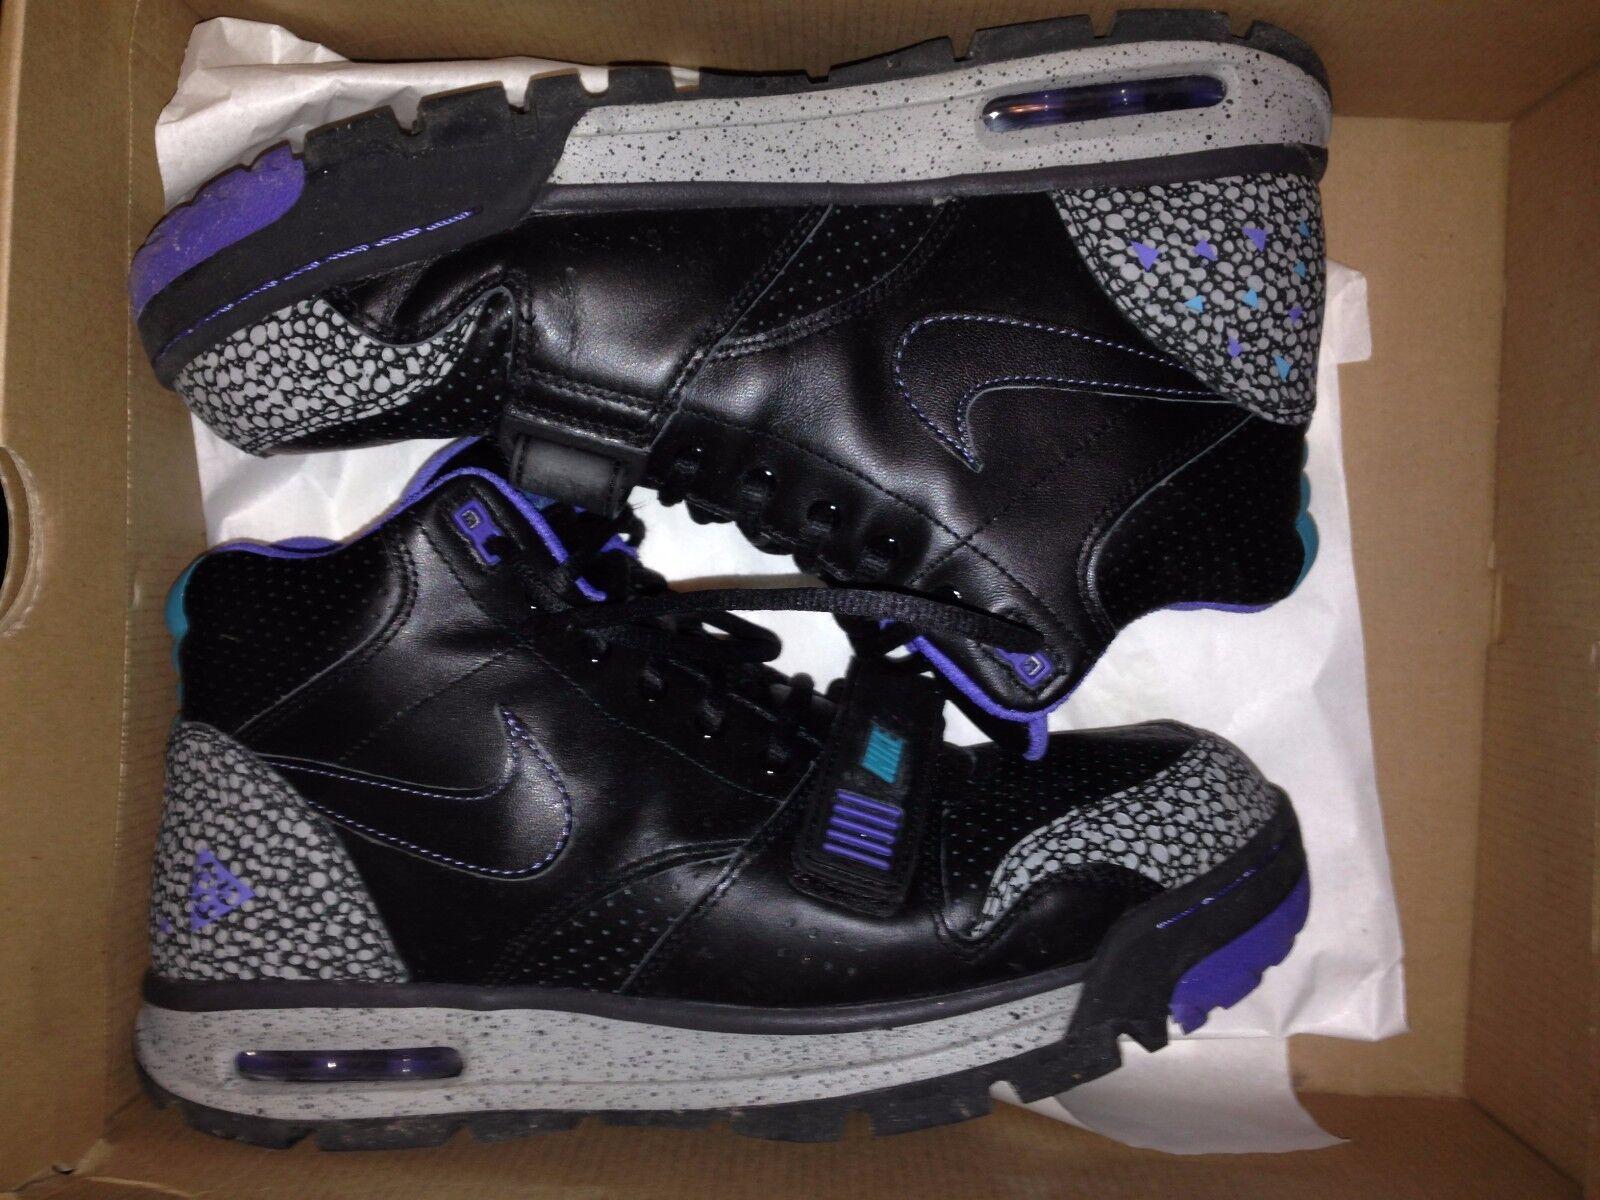 Nike air max chisulo nero / nero acquamarina inverno scarpe taglia 11 - s / h